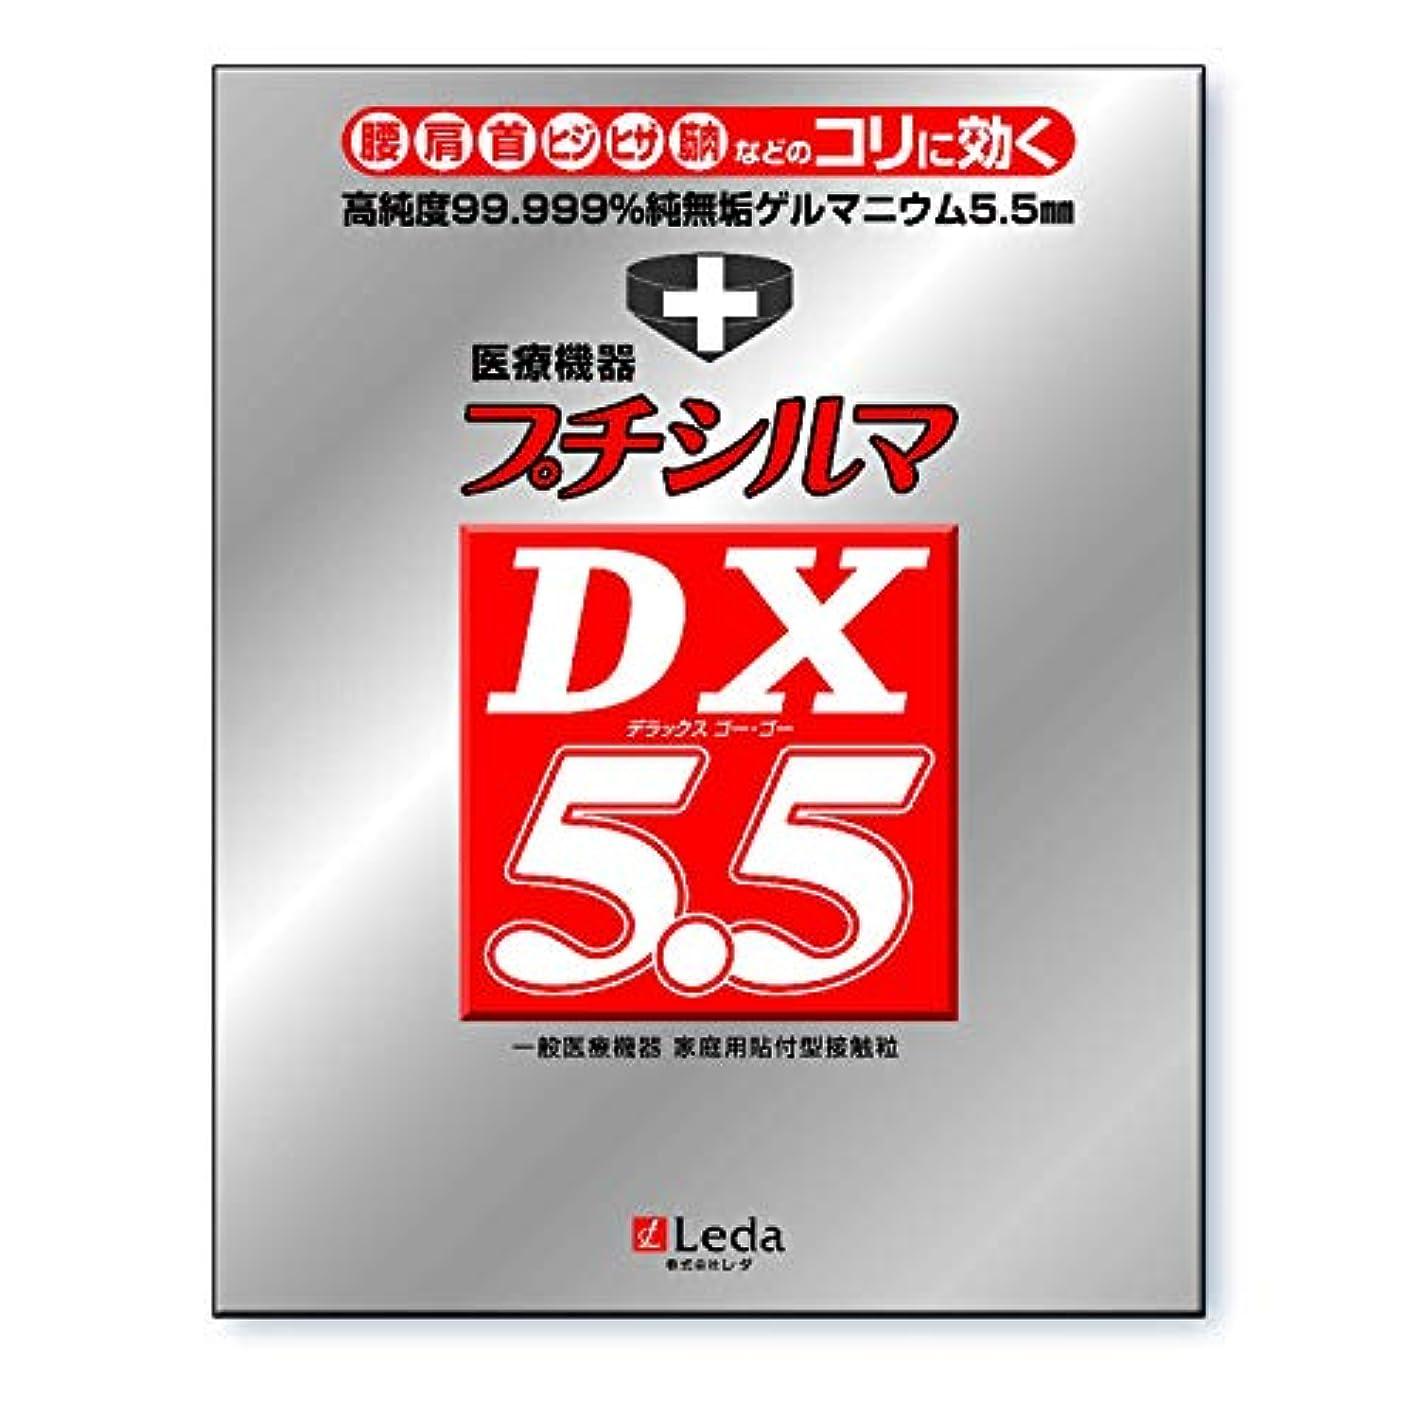 罰残る戦艦プチシルマDX 5.5 お徳用替えプラスター200枚付き